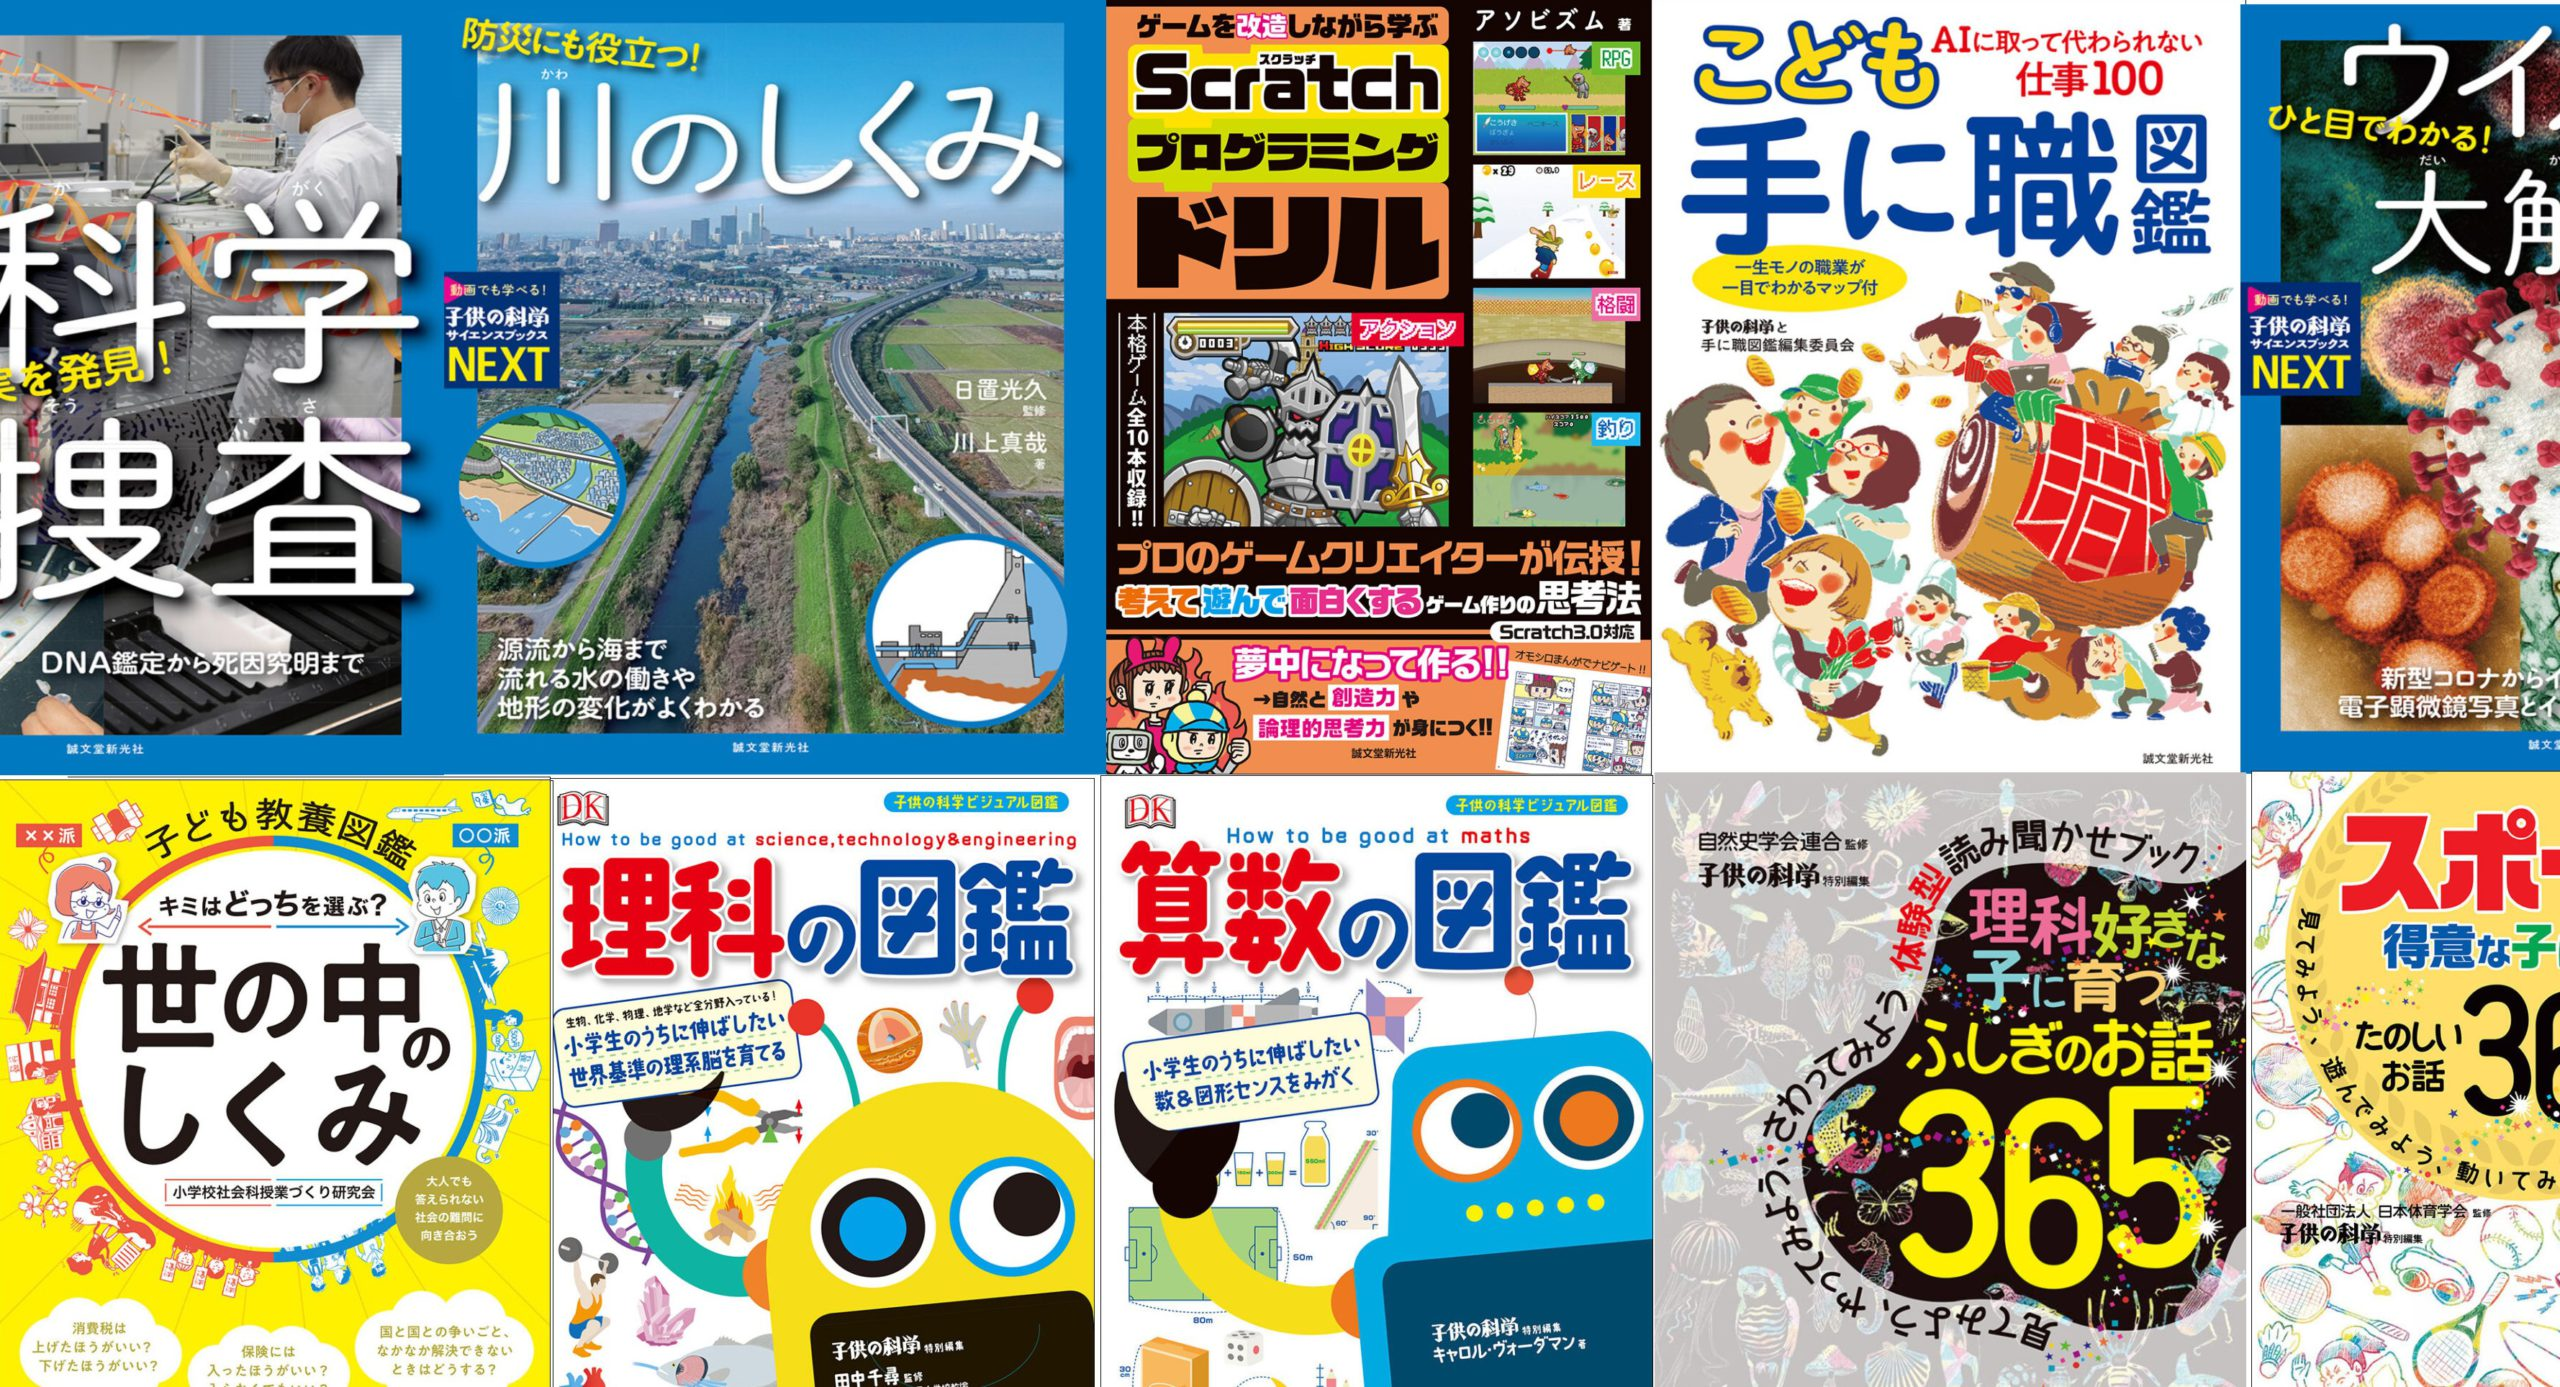 《子供の科学編集部》夏休みの読書におすすめの本14選